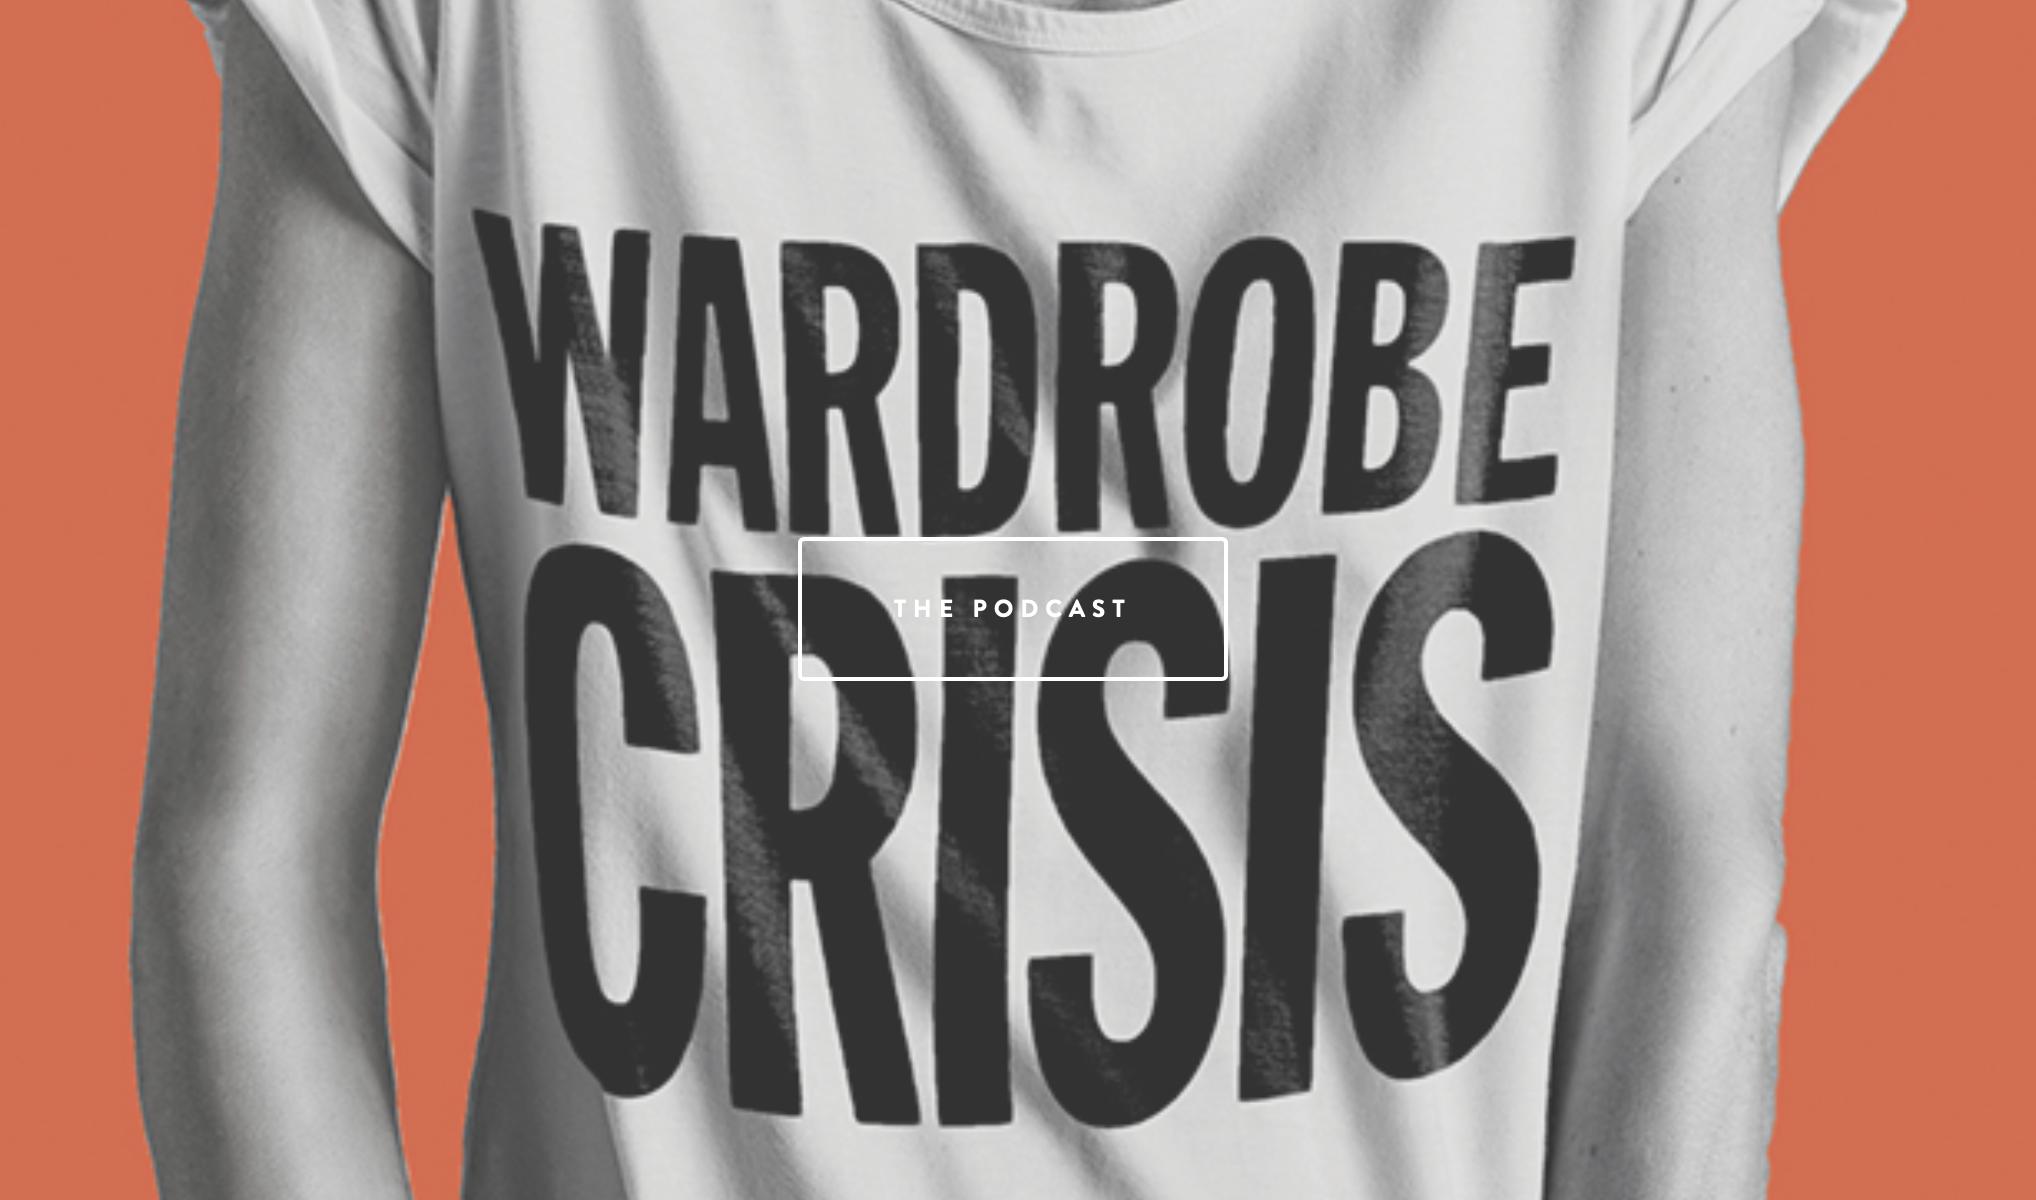 Clare Press - Wardrobe Crises